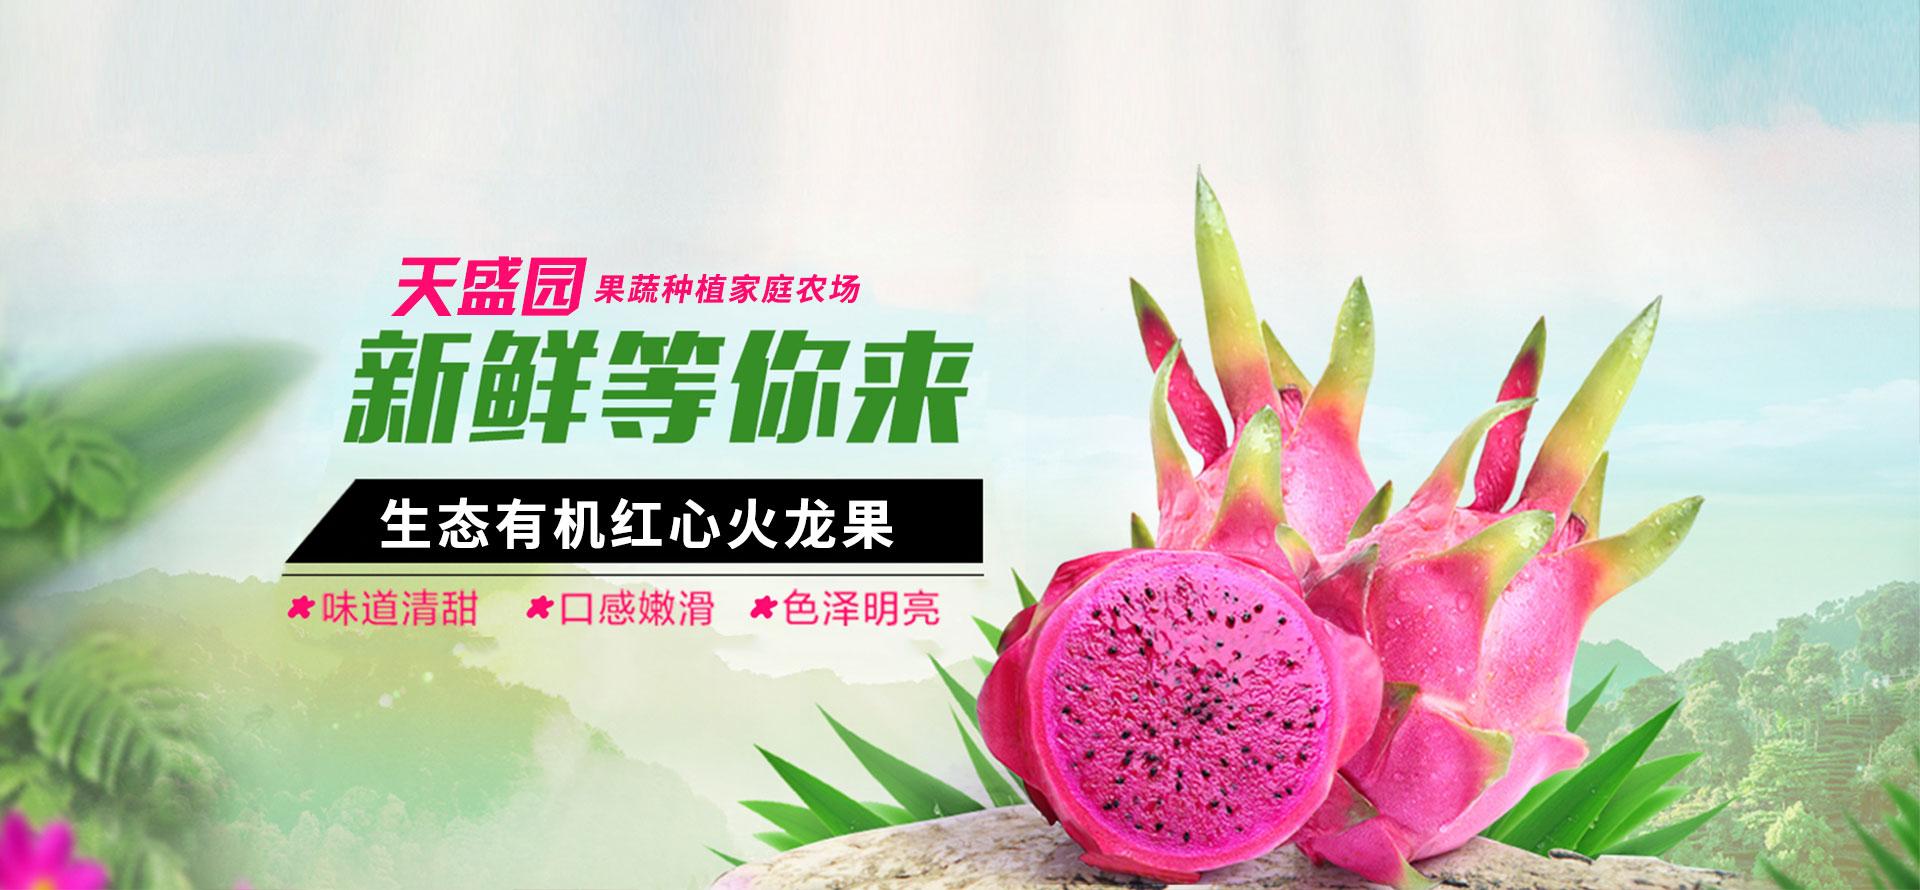 盱眙天盛园果蔬种植家庭农场